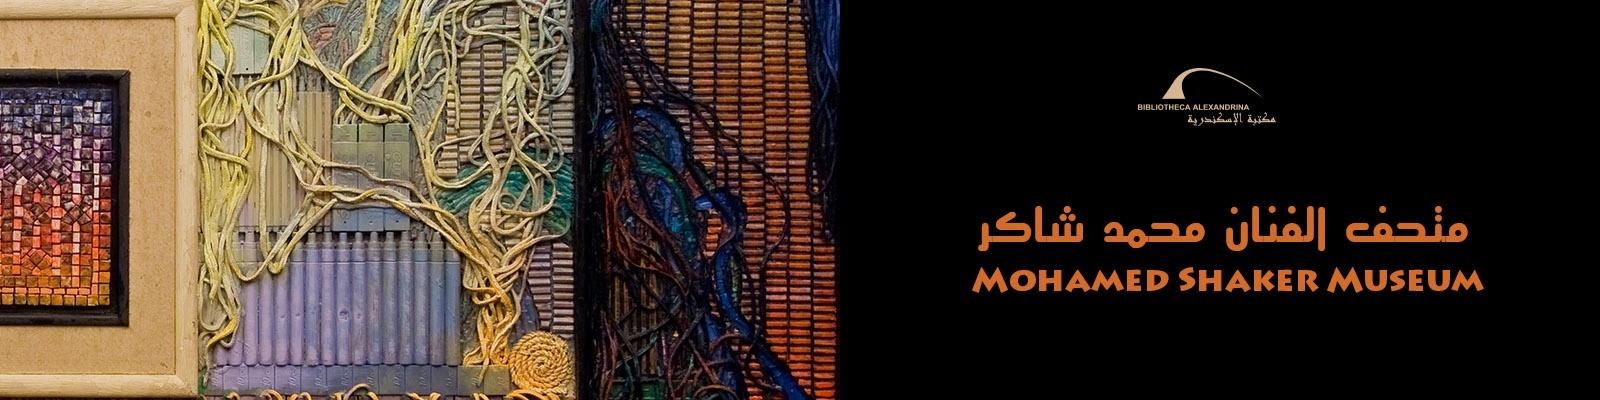 احتفالية إهداء متحف الفنان محمد شاكر لمكتبة الإسكندرية